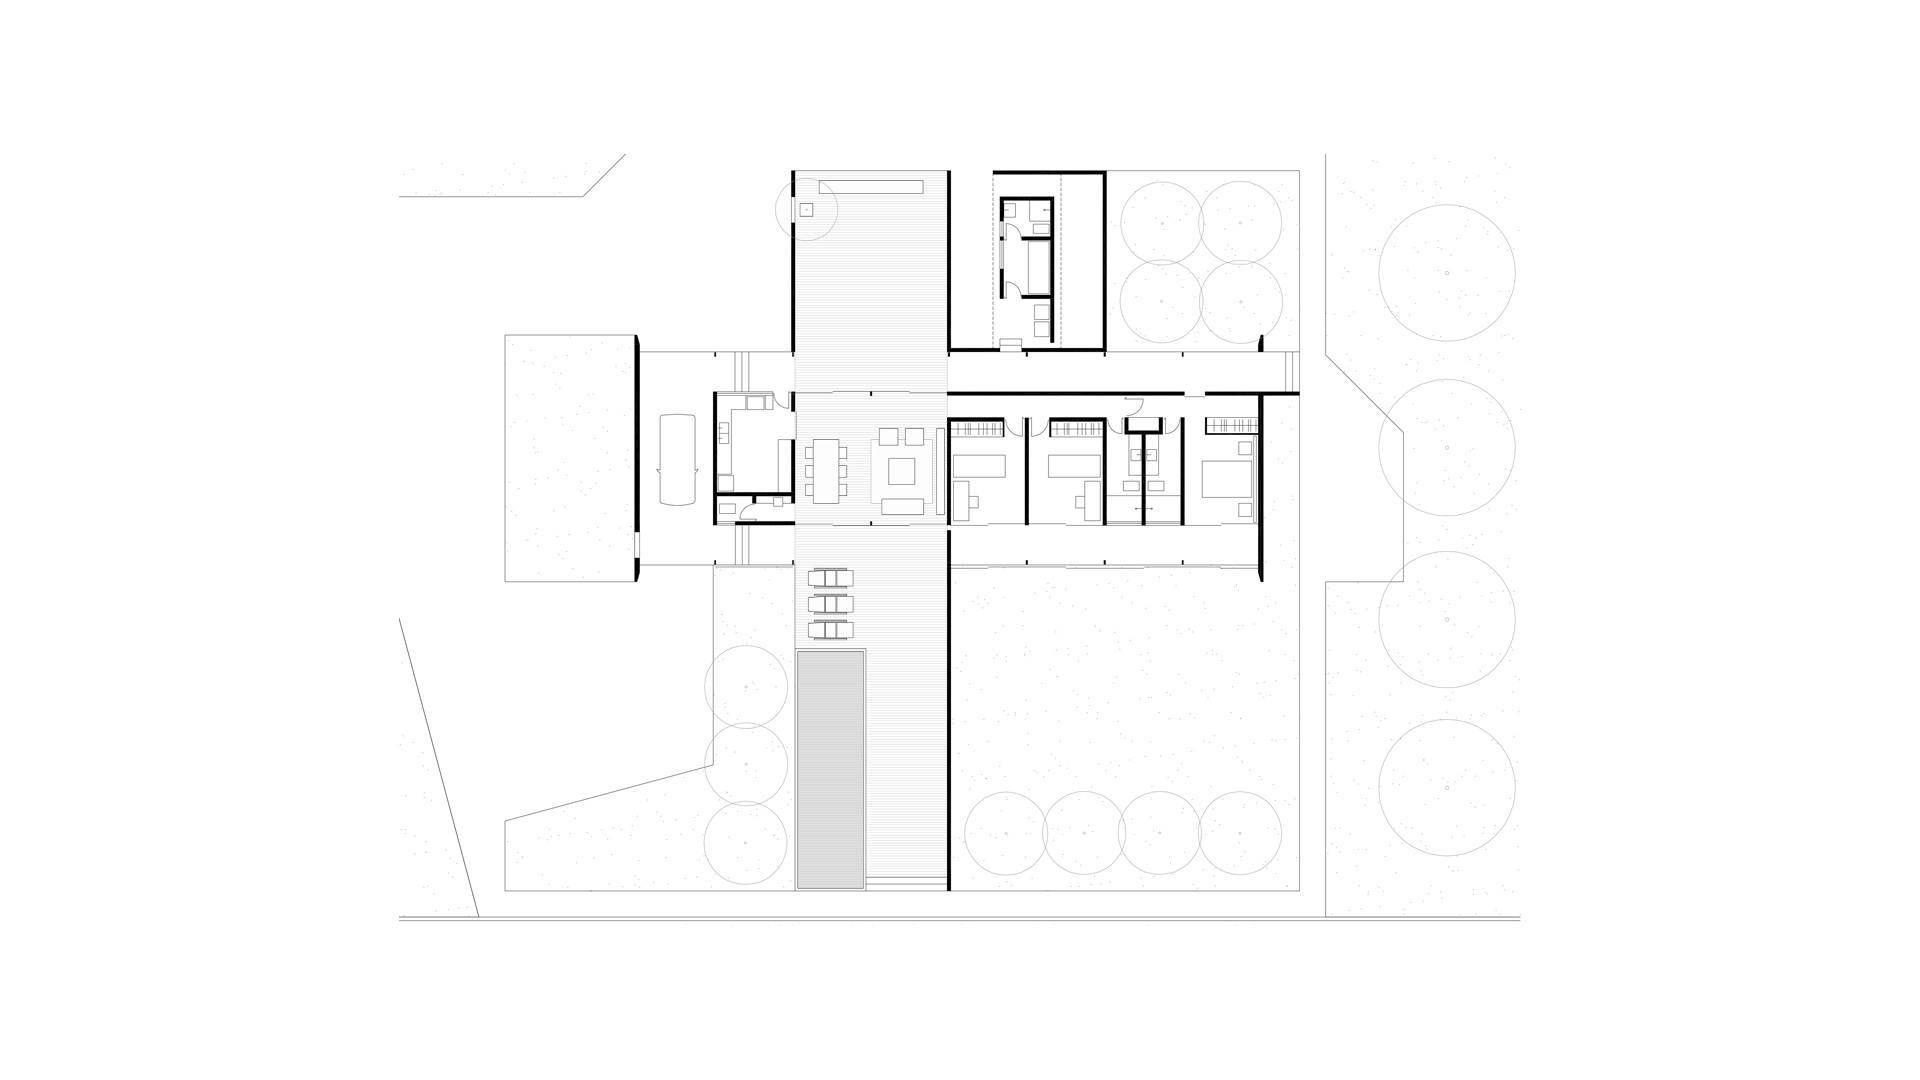 residencia-aracaju-planta-1-pavimento